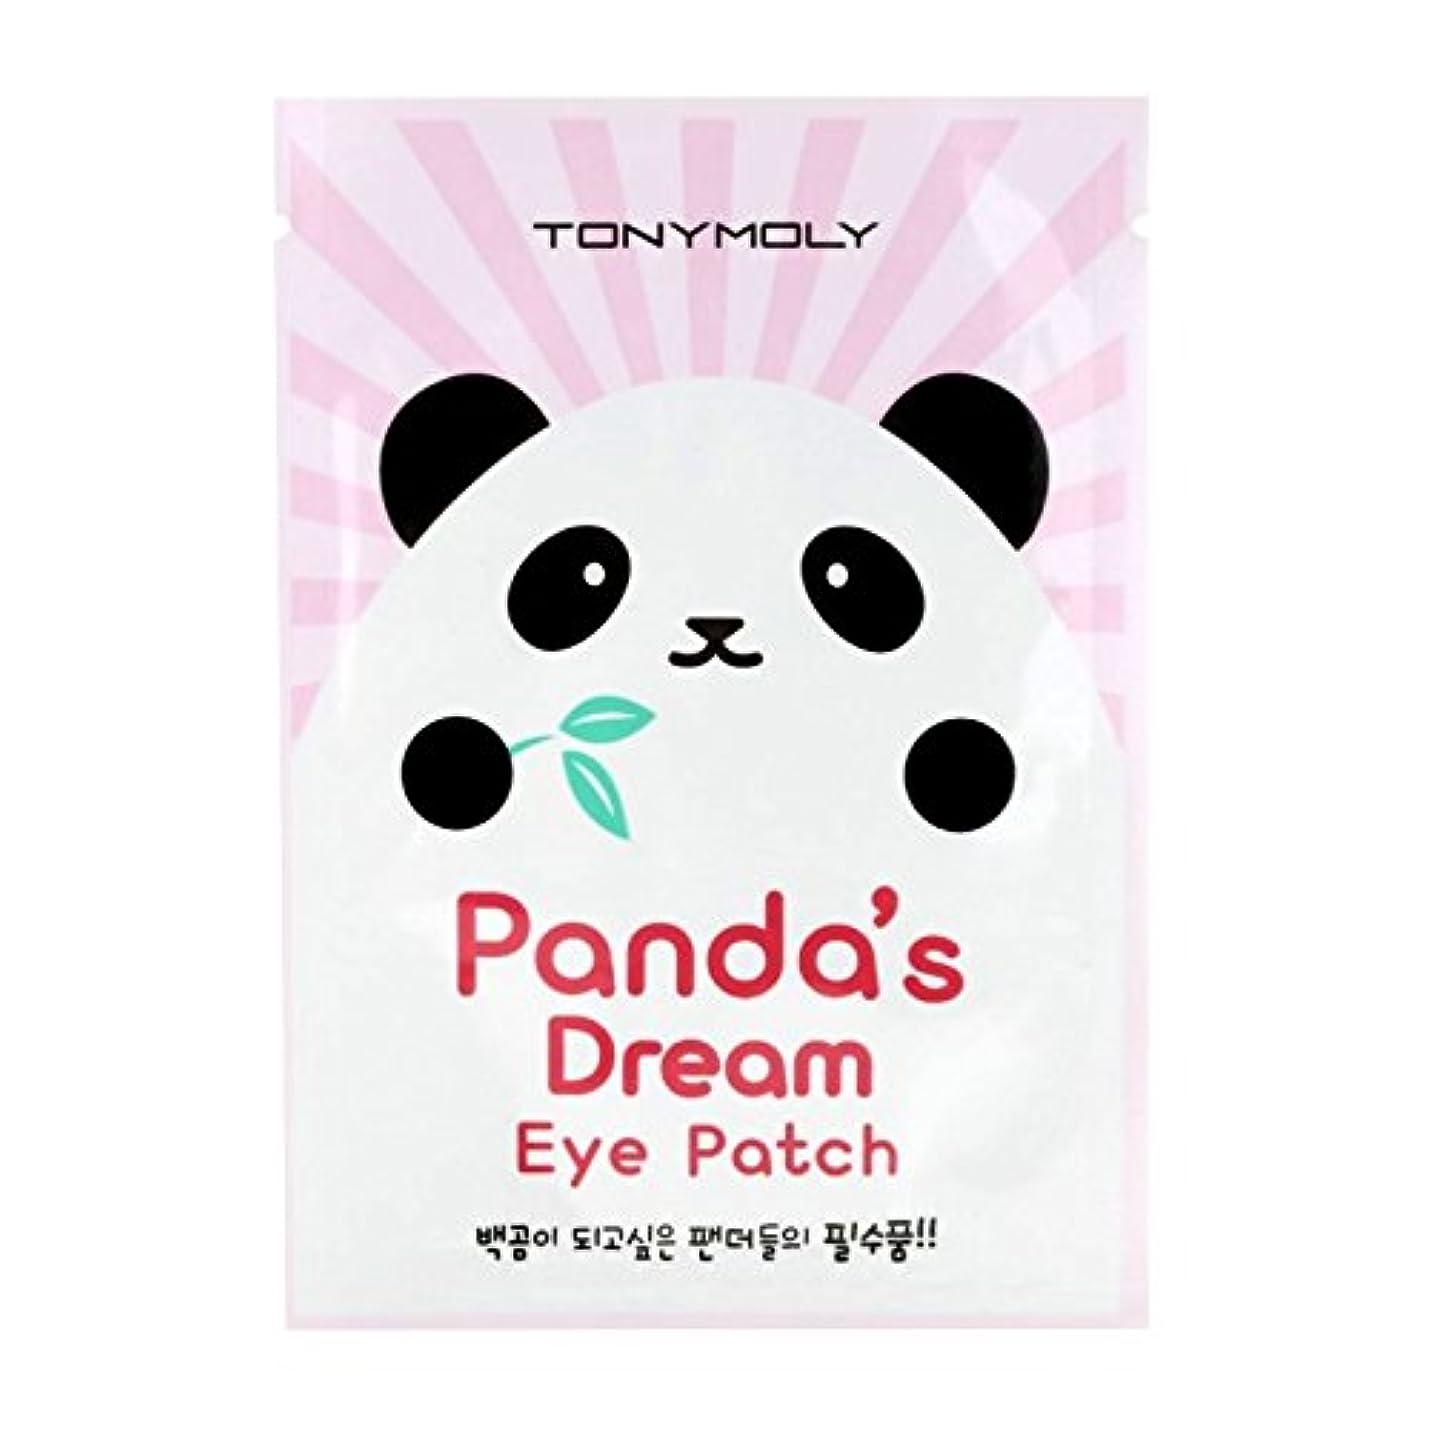 死すべき私たち自身干し草(3 Pack) TONYMOLY Panda's Dream Eye Patch (並行輸入品)